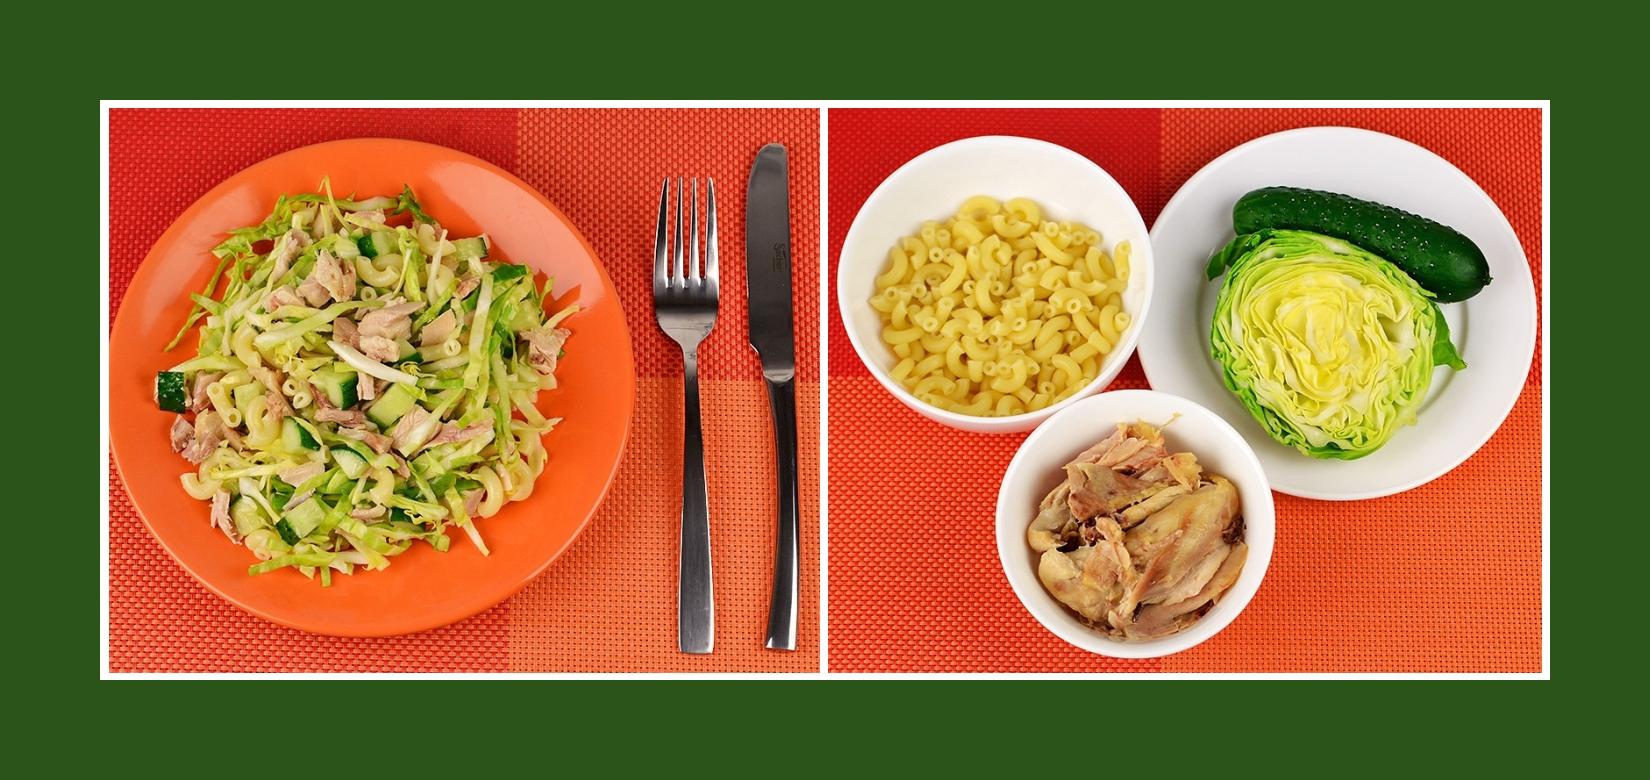 Erfrischender und vitaminenreicher Frühlingssalat mit Frühkraut, Gurken, Nudeln und Geflügelfleisch